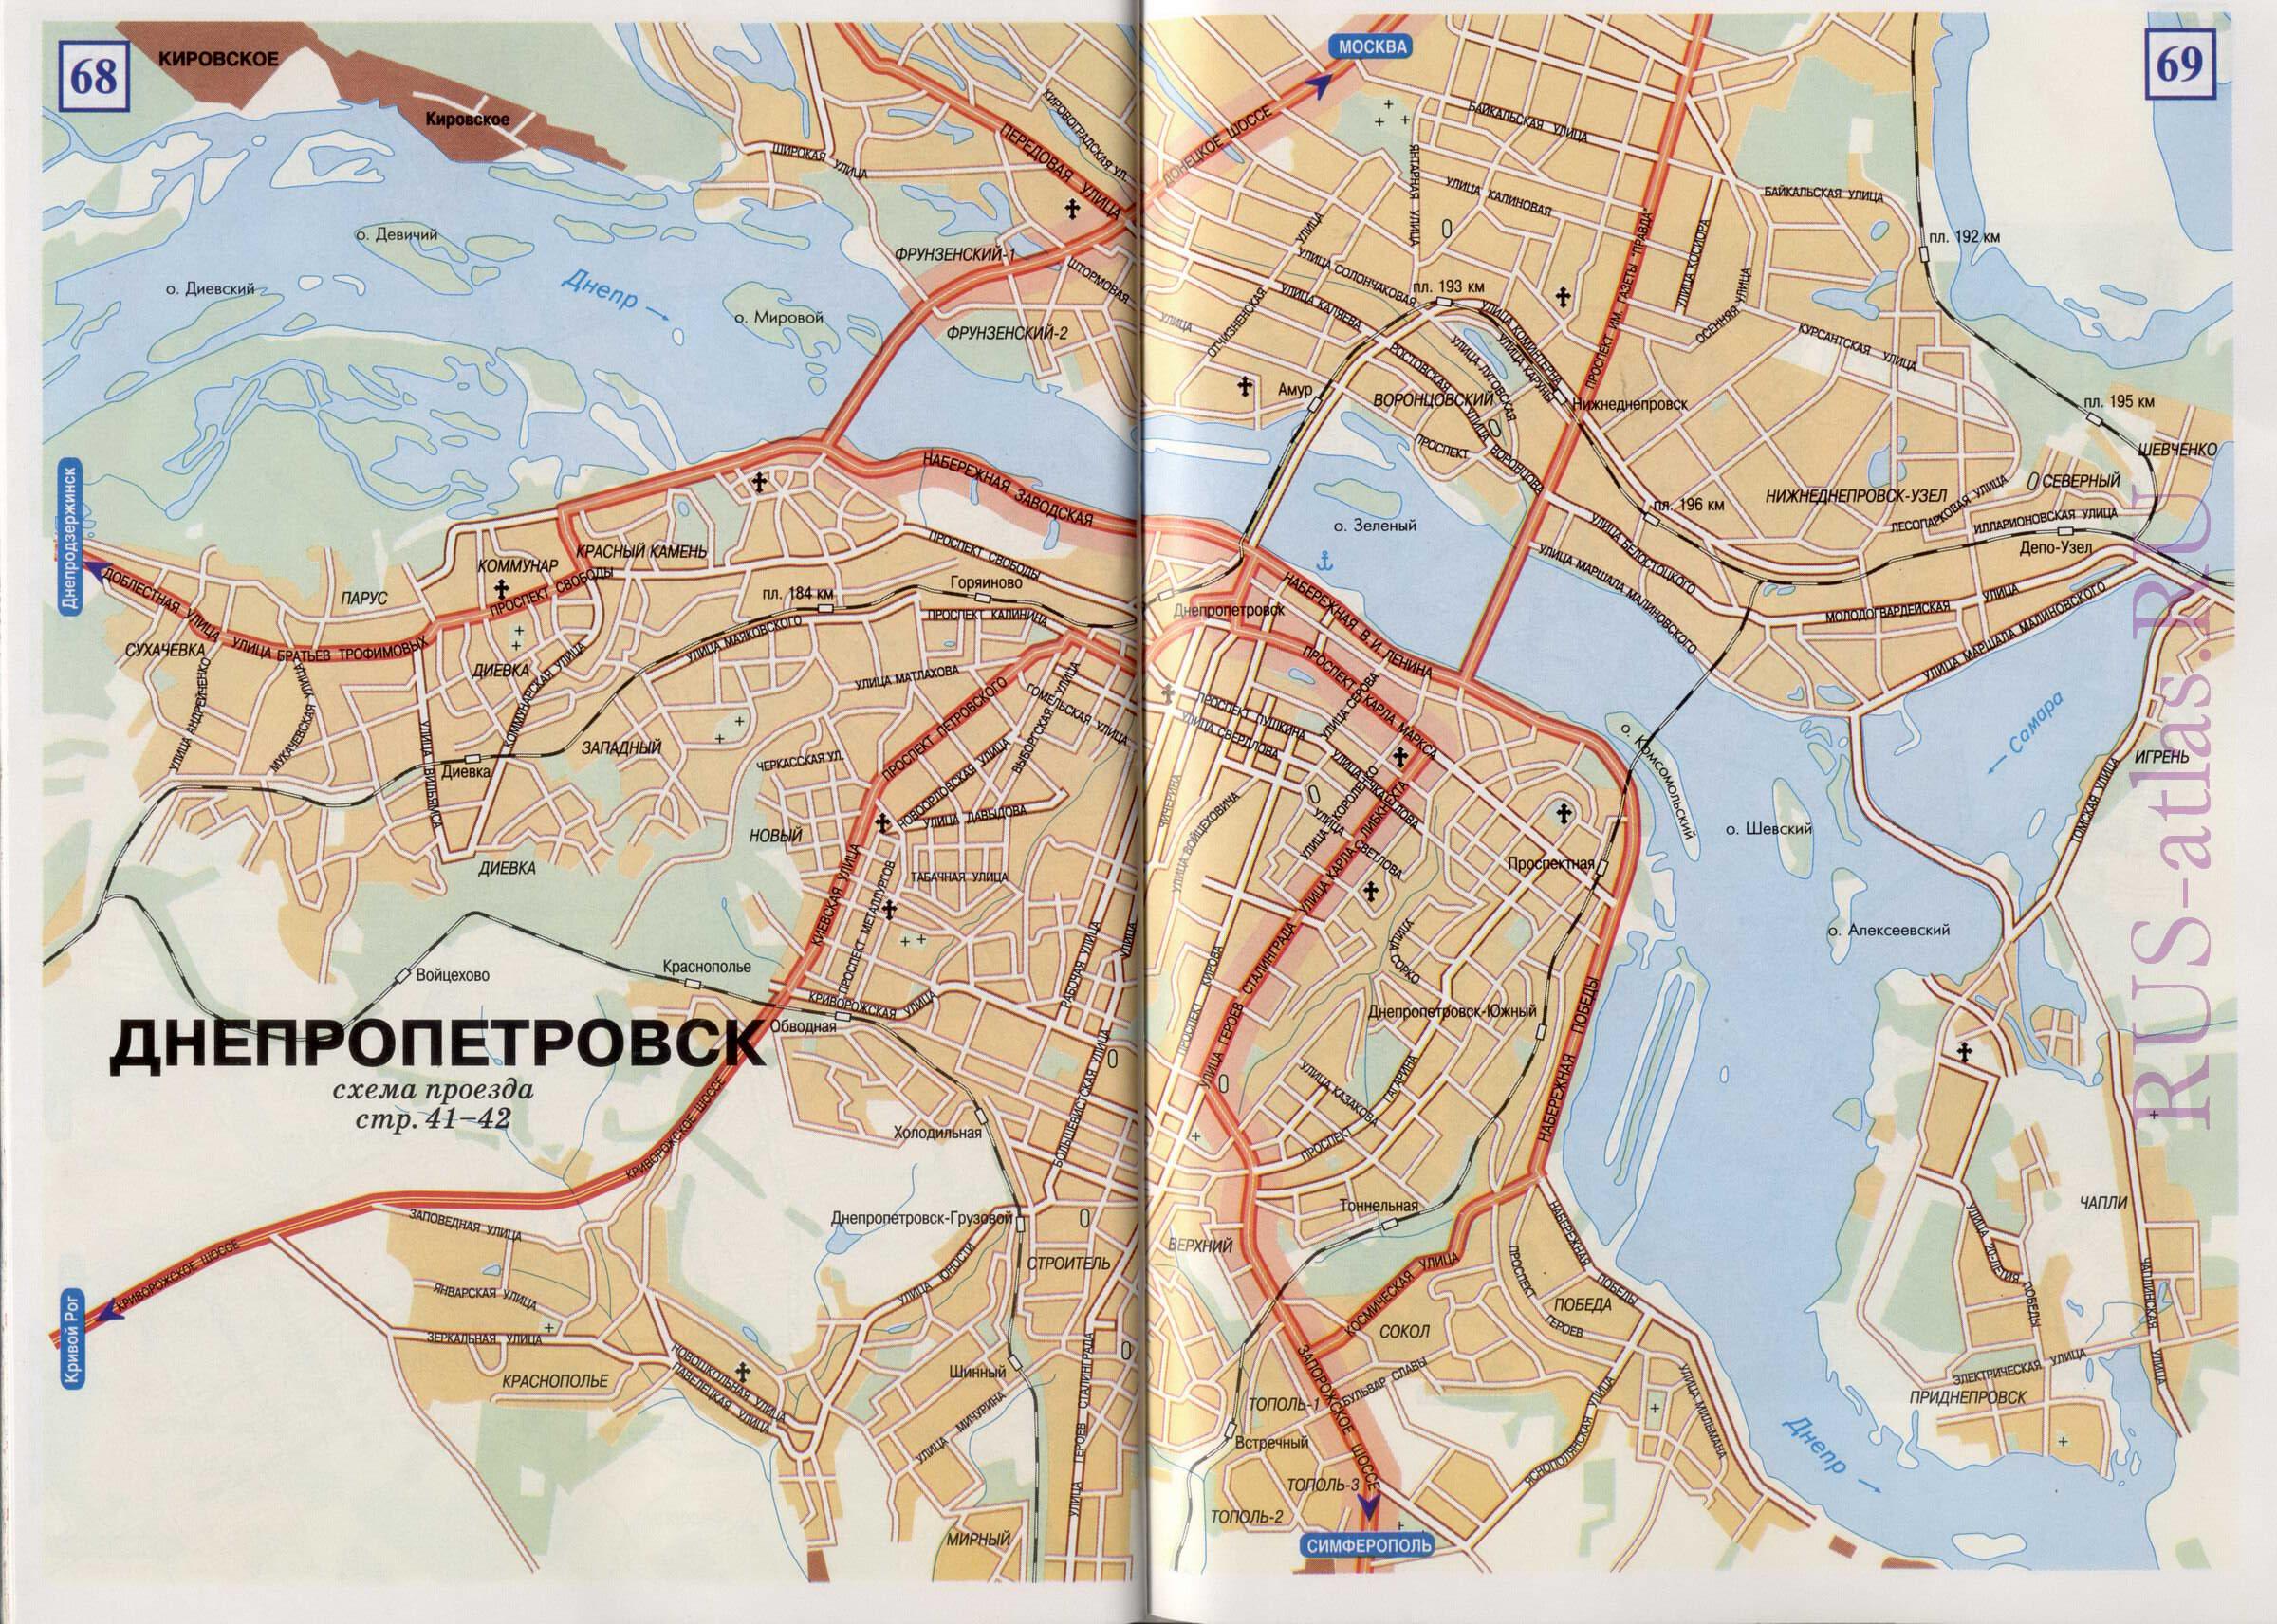 Транспортная карта схема города Днепропетровск с маршрутами проезда грузового транспорта.